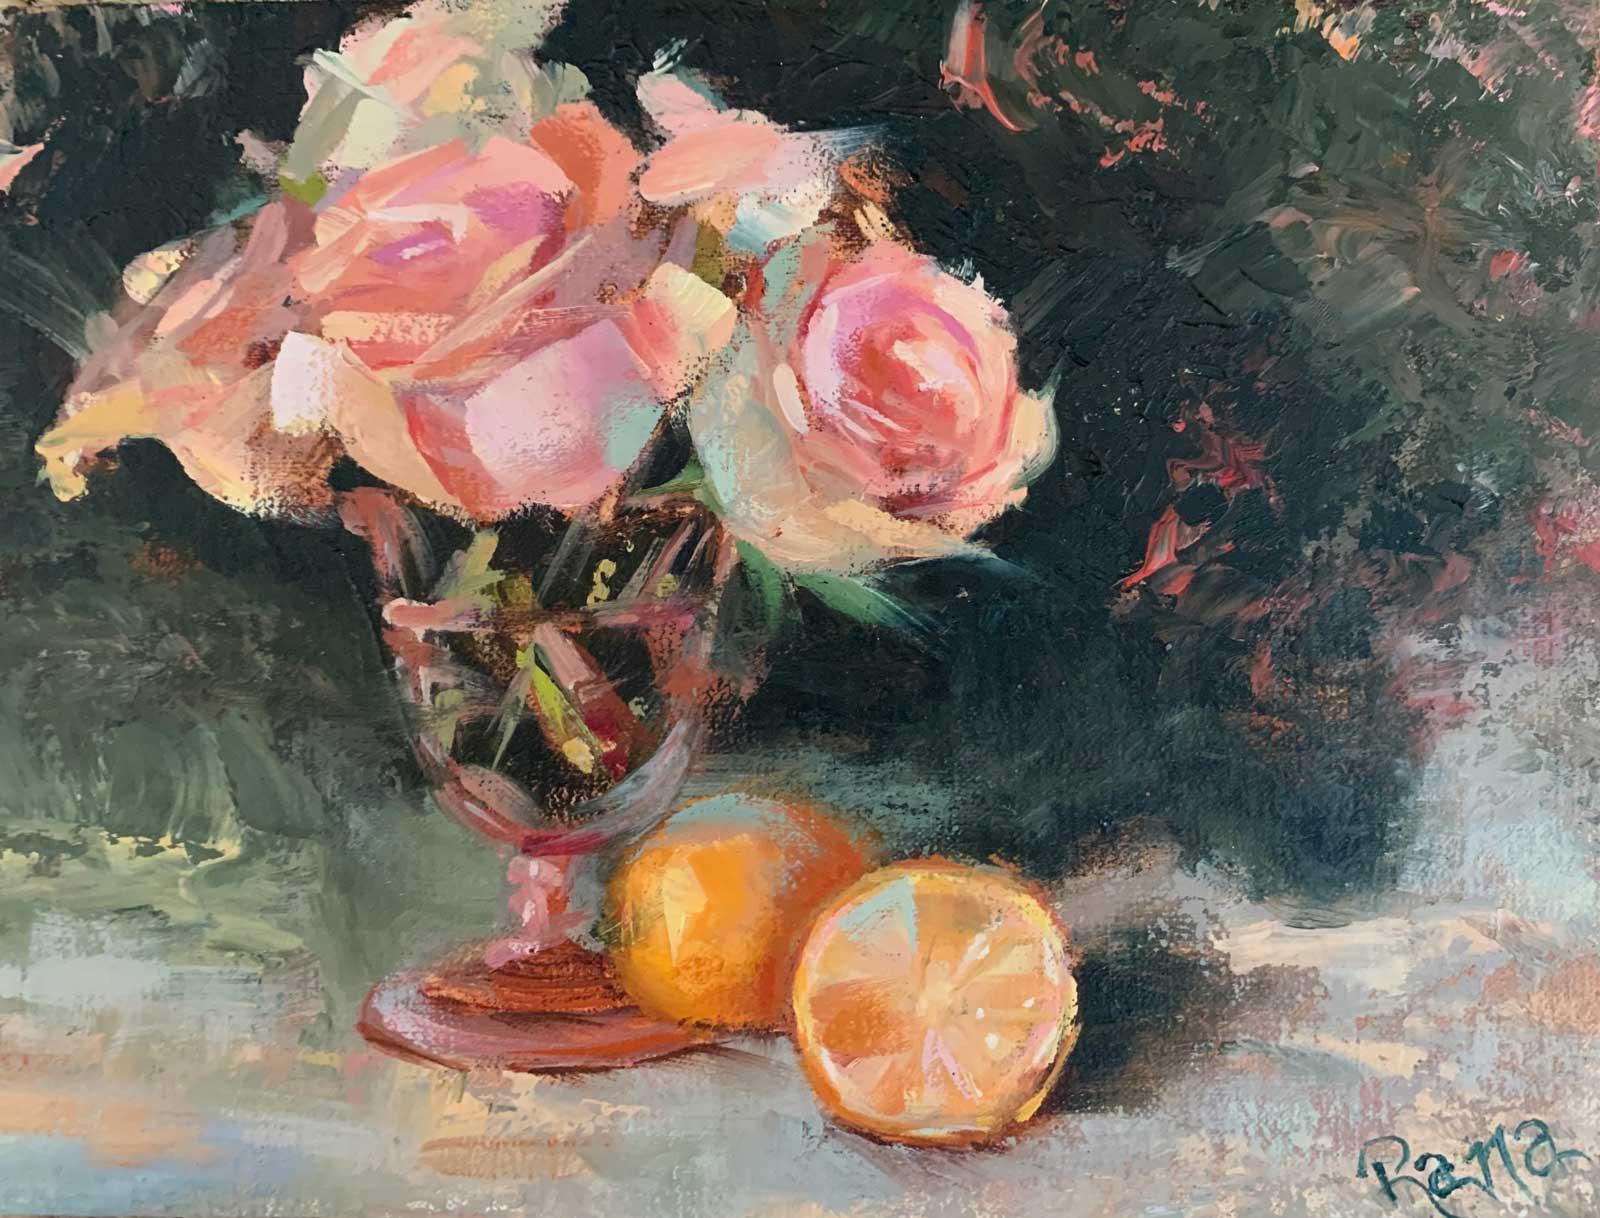 Rana Jordahl, Roses and Lemons, 6x8 Oil on panel